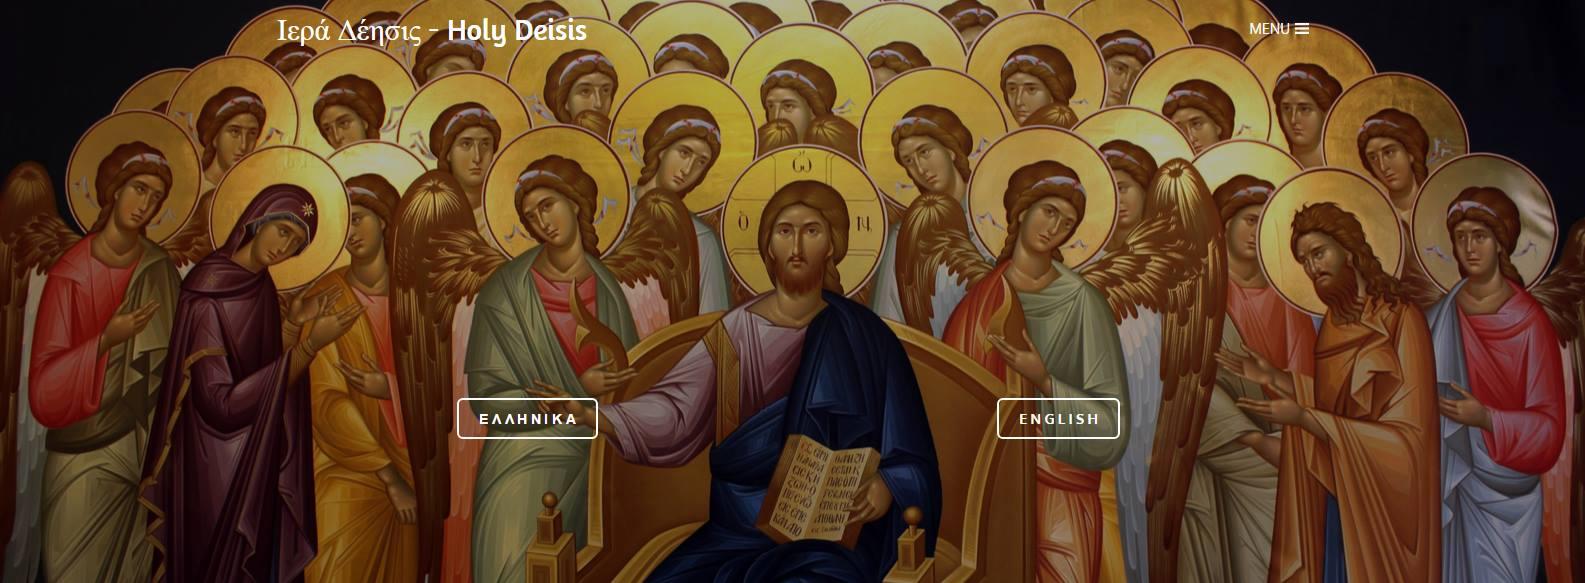 Εκκλησιαστικό Ιστολόγιο Ιερά Δέησις